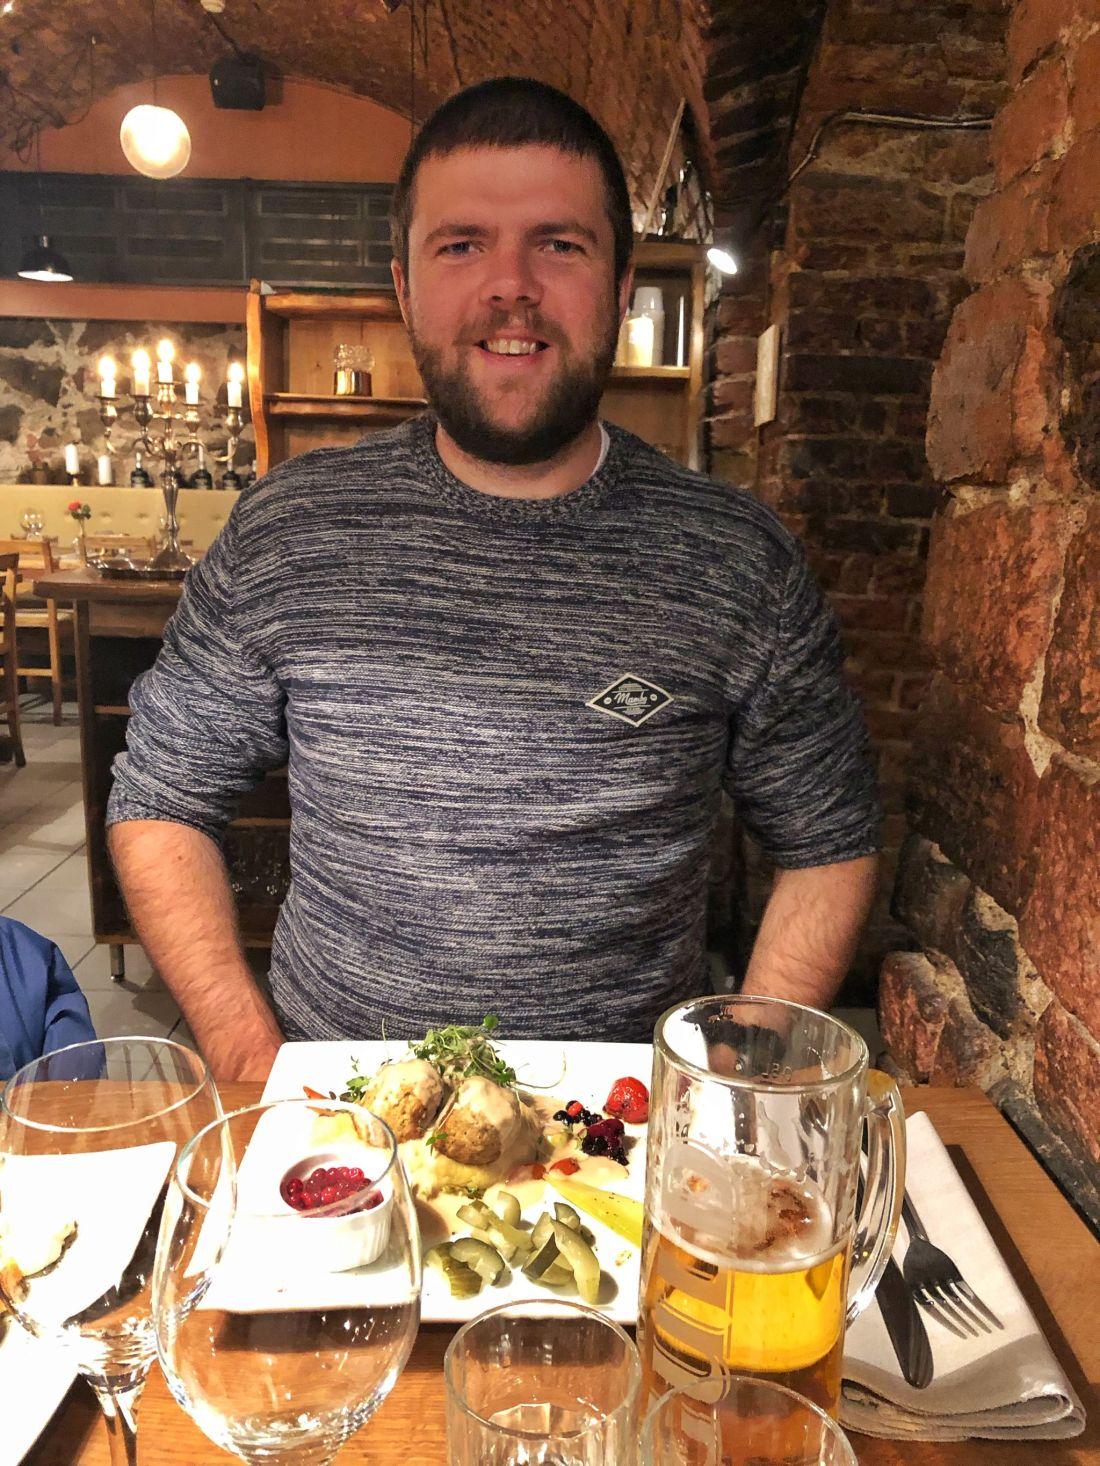 Dan eating Swedish meatballs Stockholm